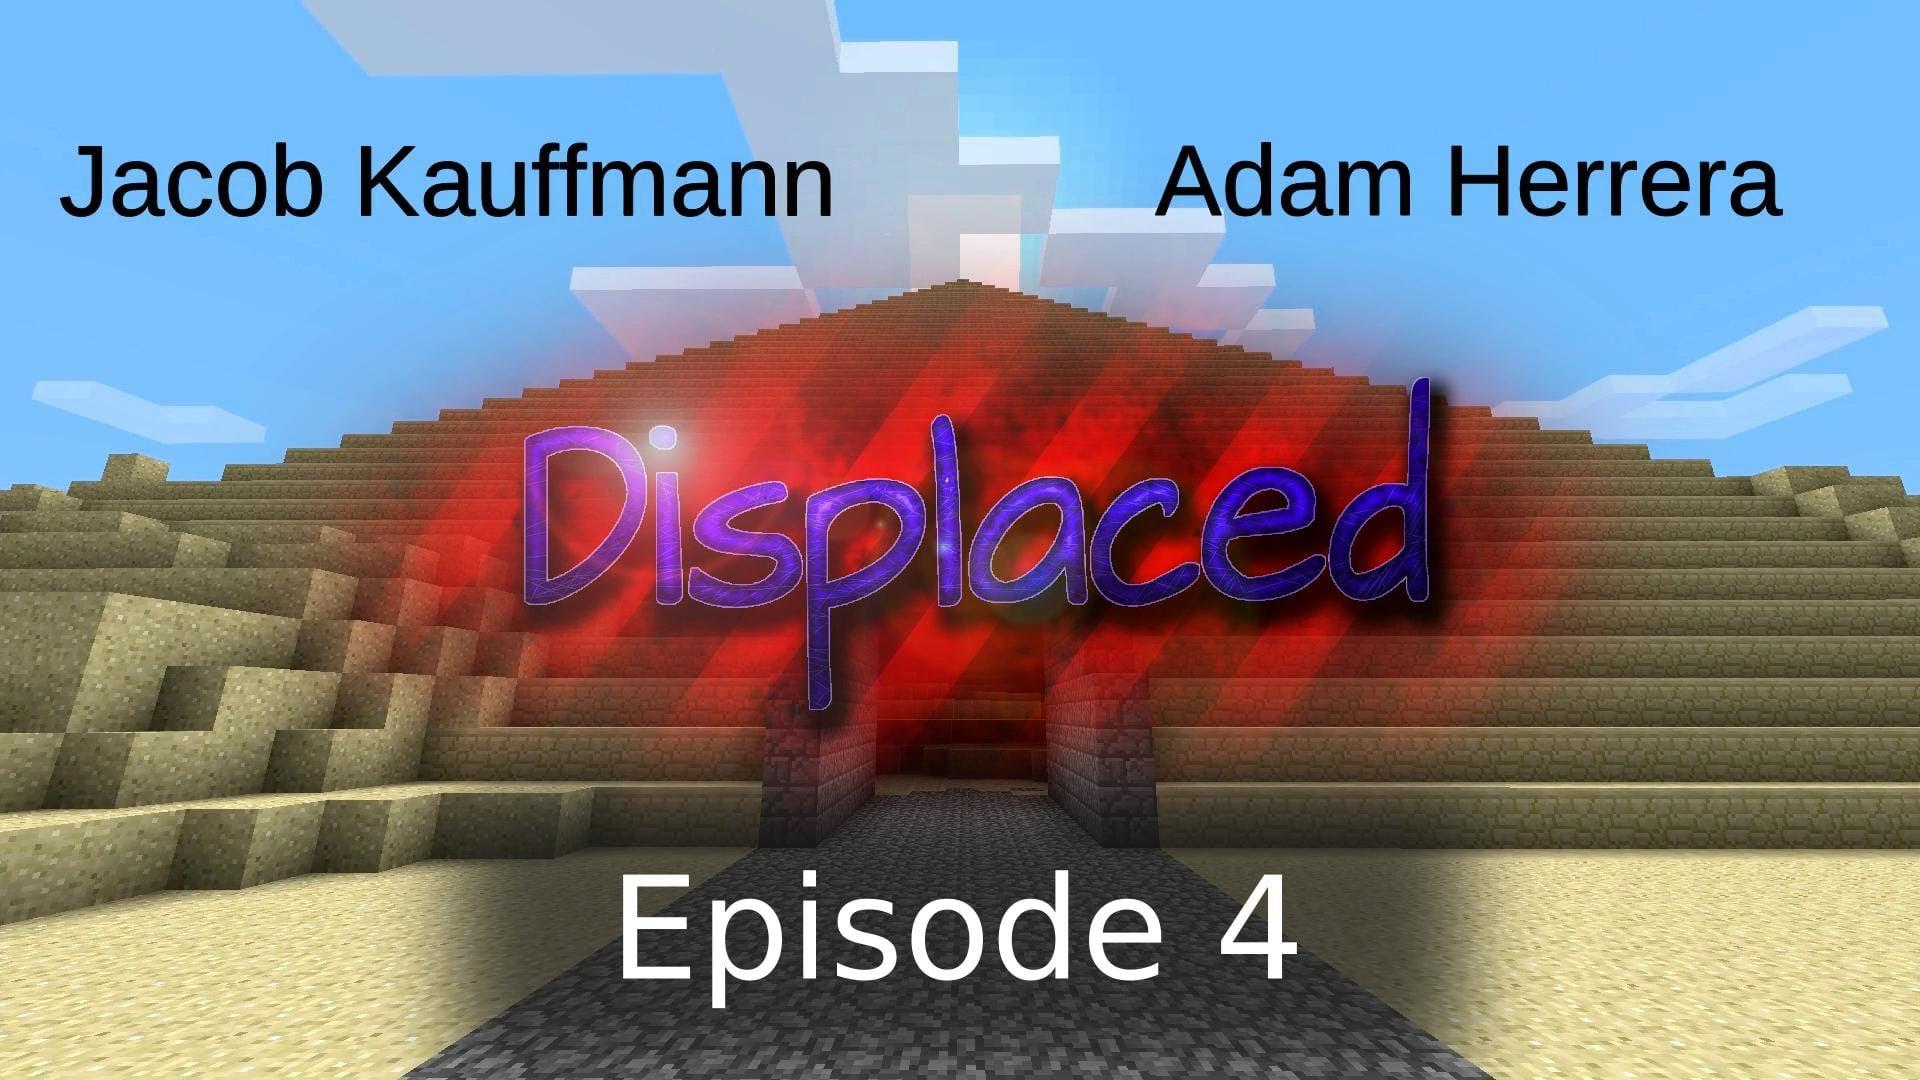 Episode 4 - Displaced